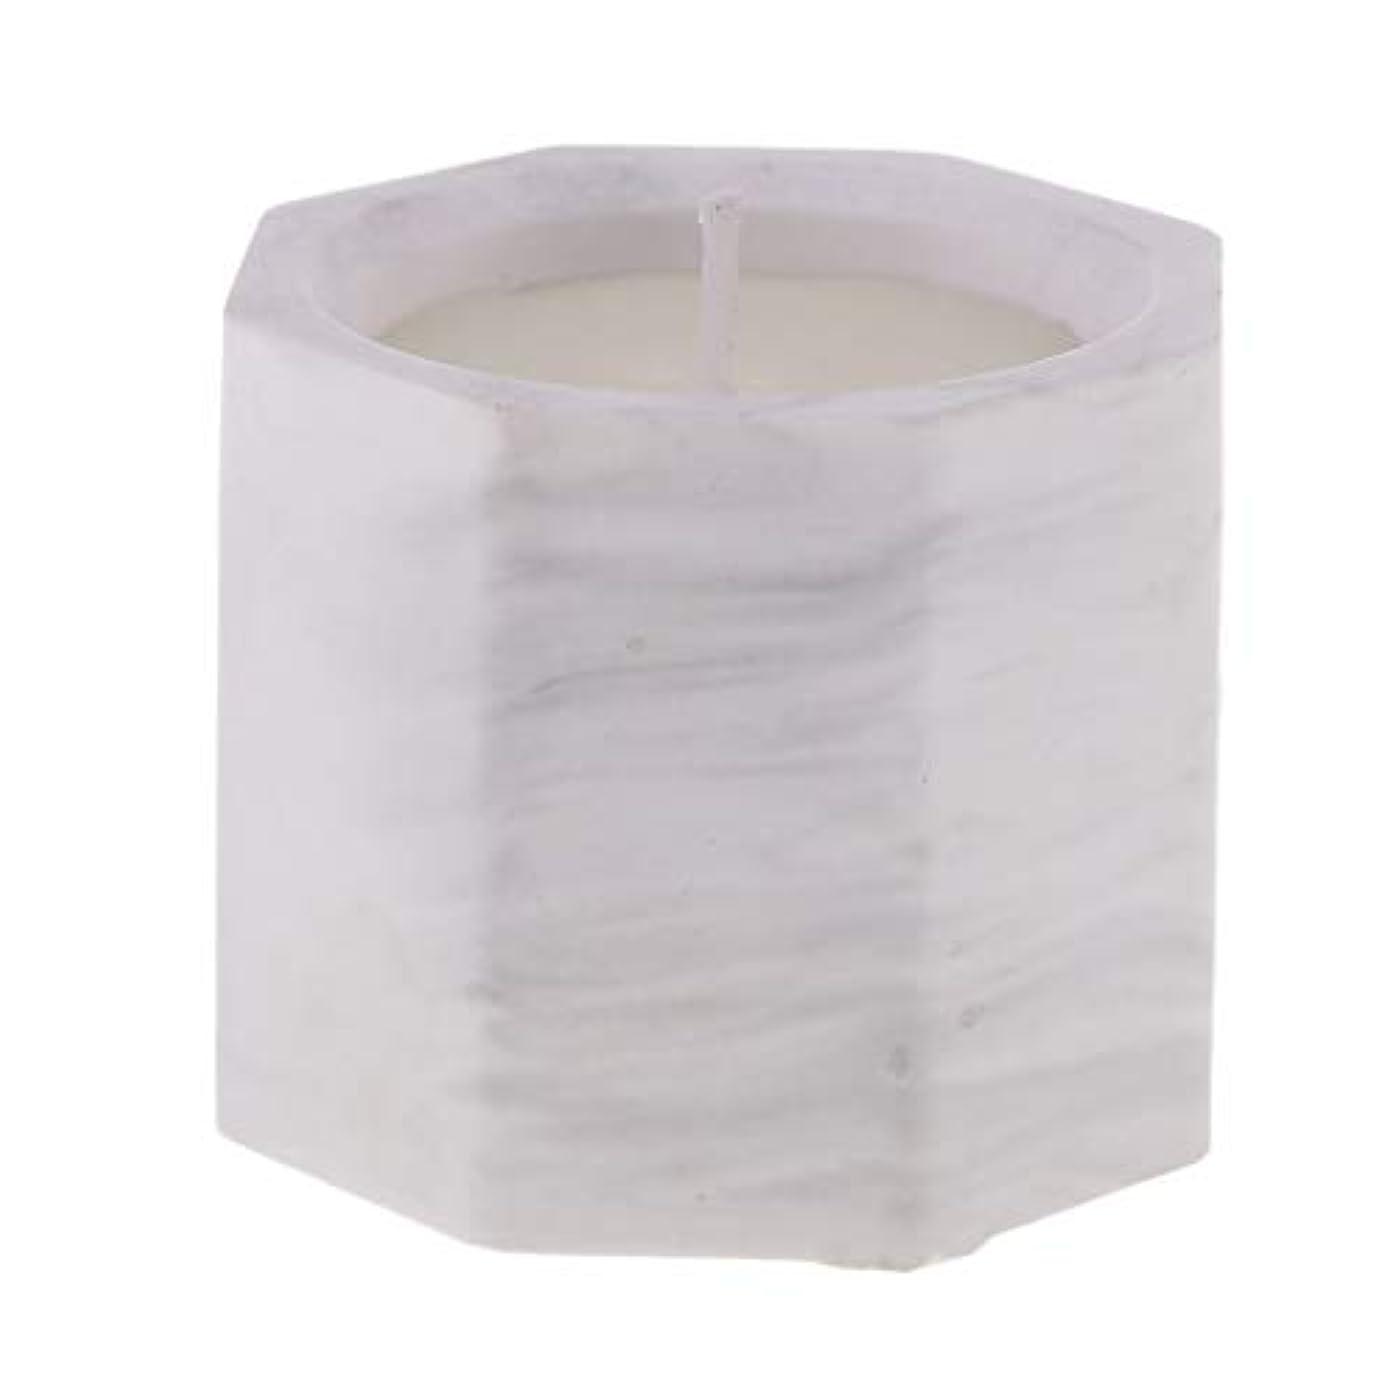 住人リング魔術アロマキャンドル オクタゴン形 香りキャンドル 友人用 誕生日用 家族用 約58mm